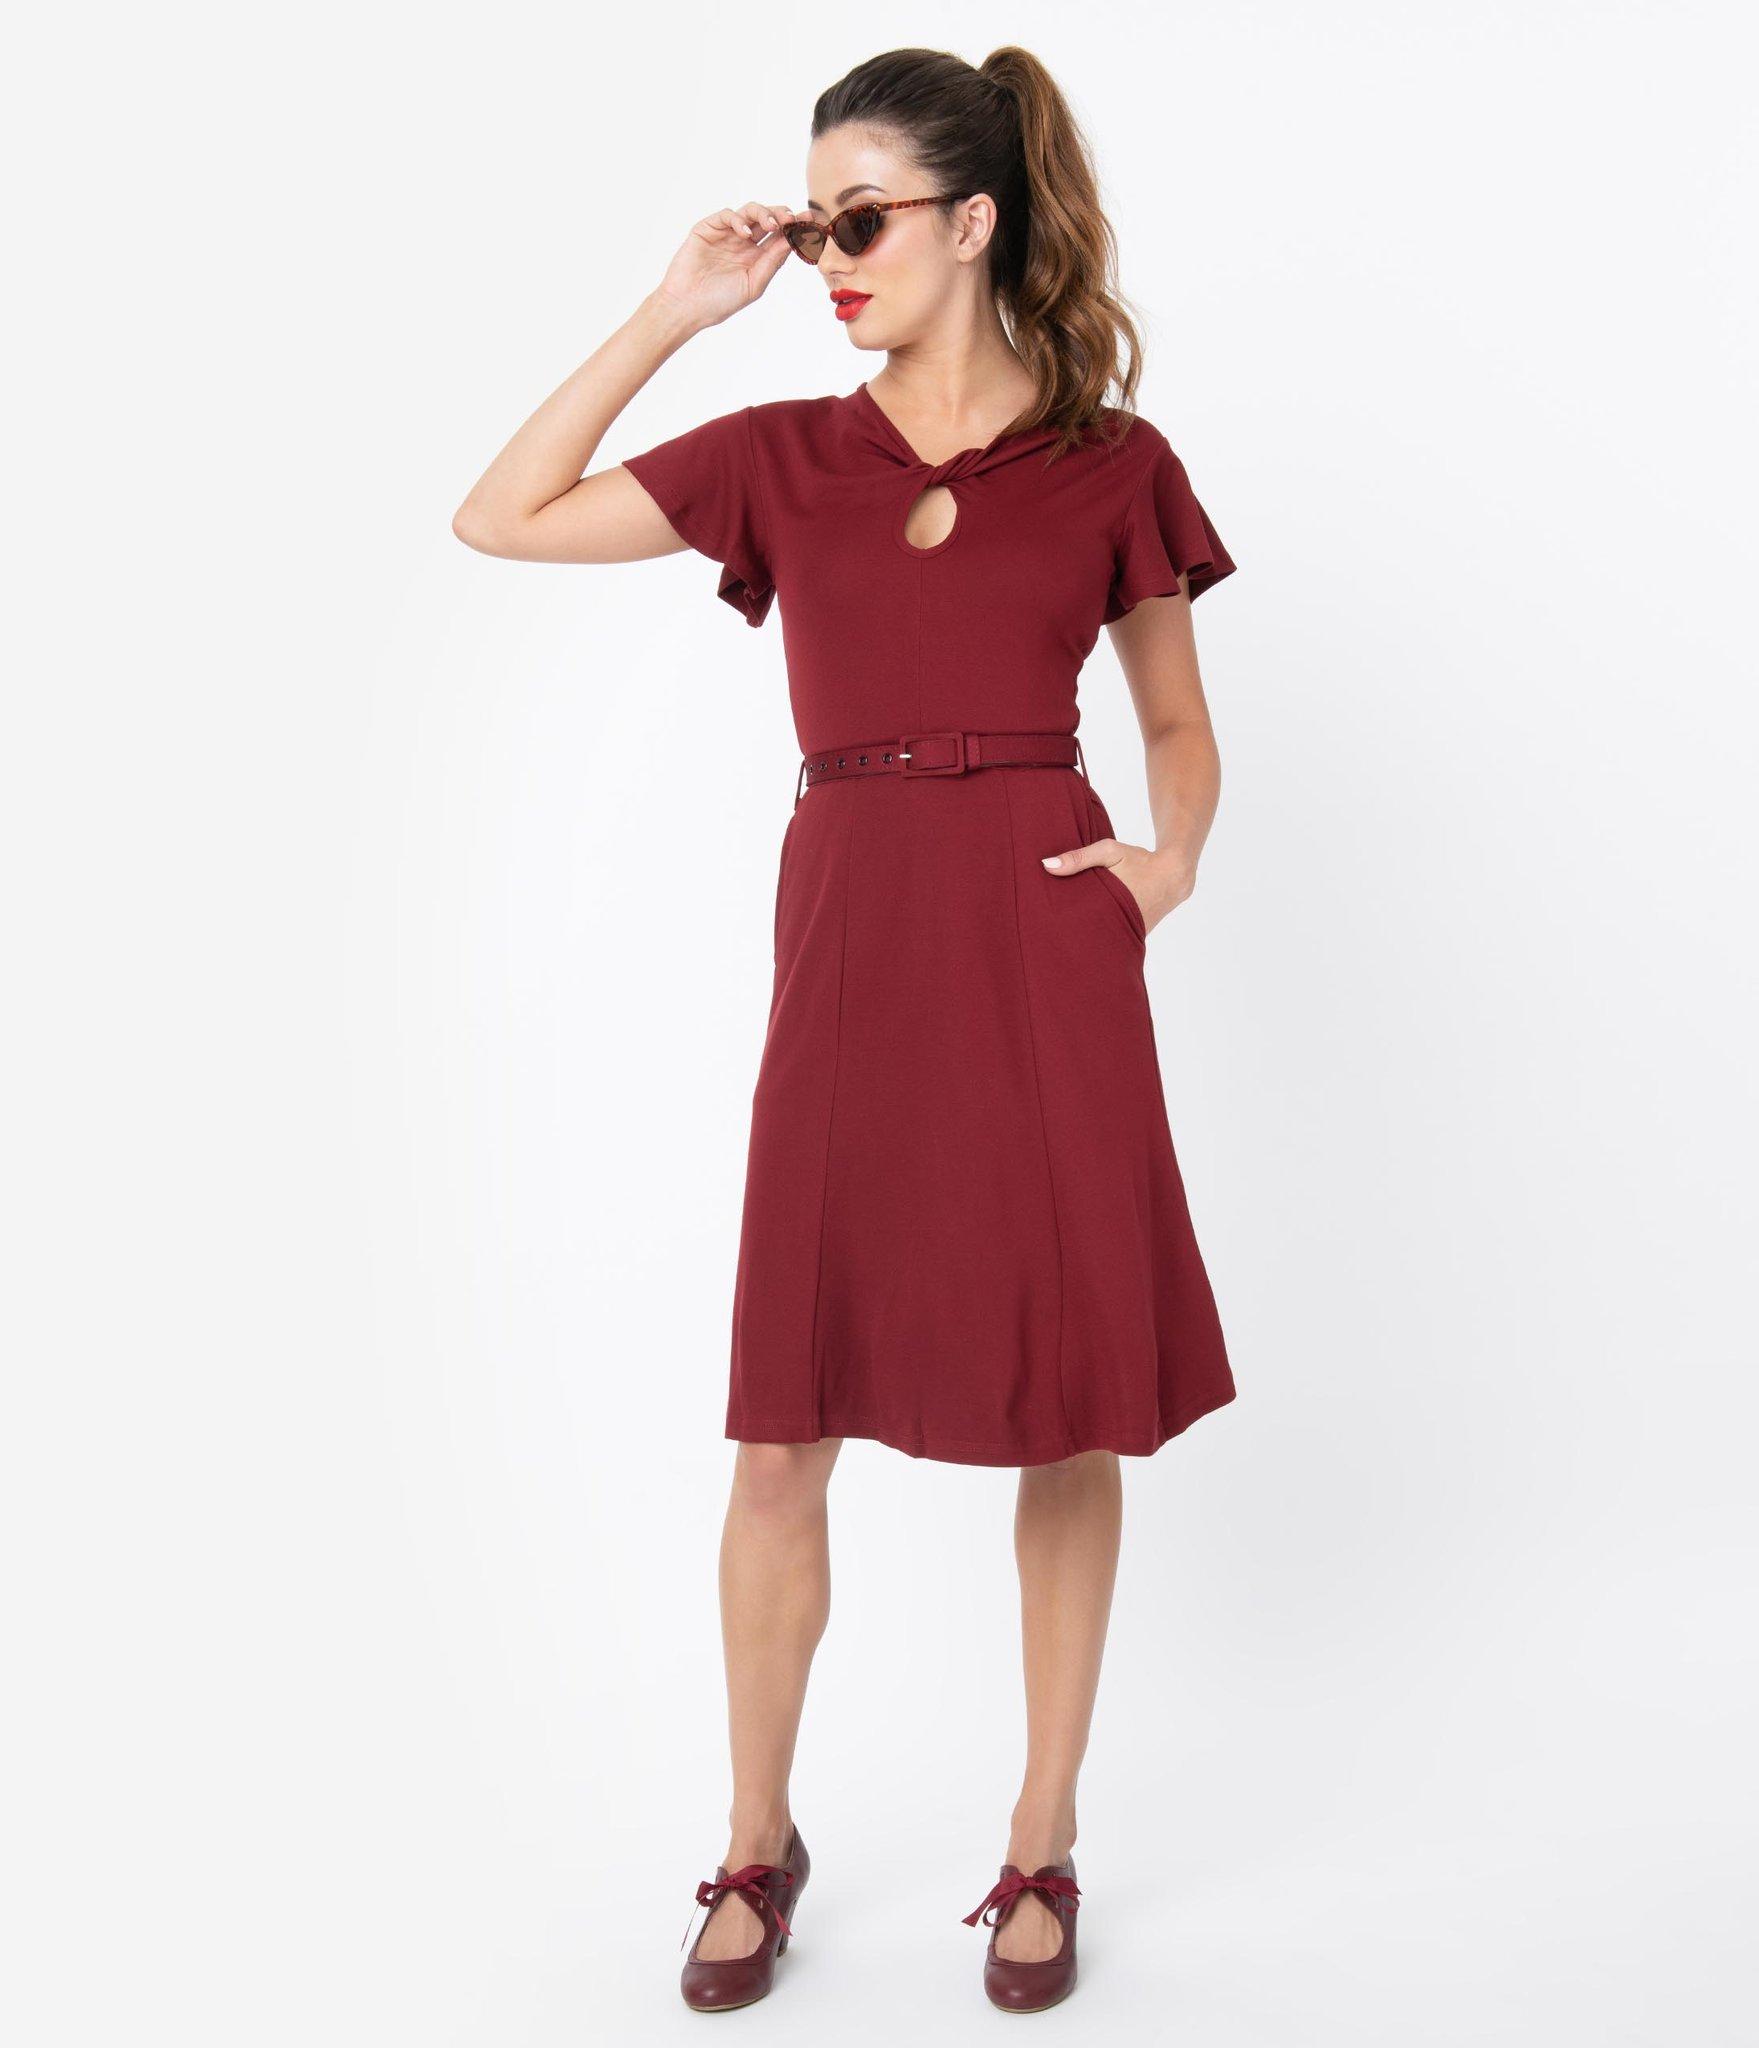 Unique Vintage Voodoo Vixen swing dress, $68